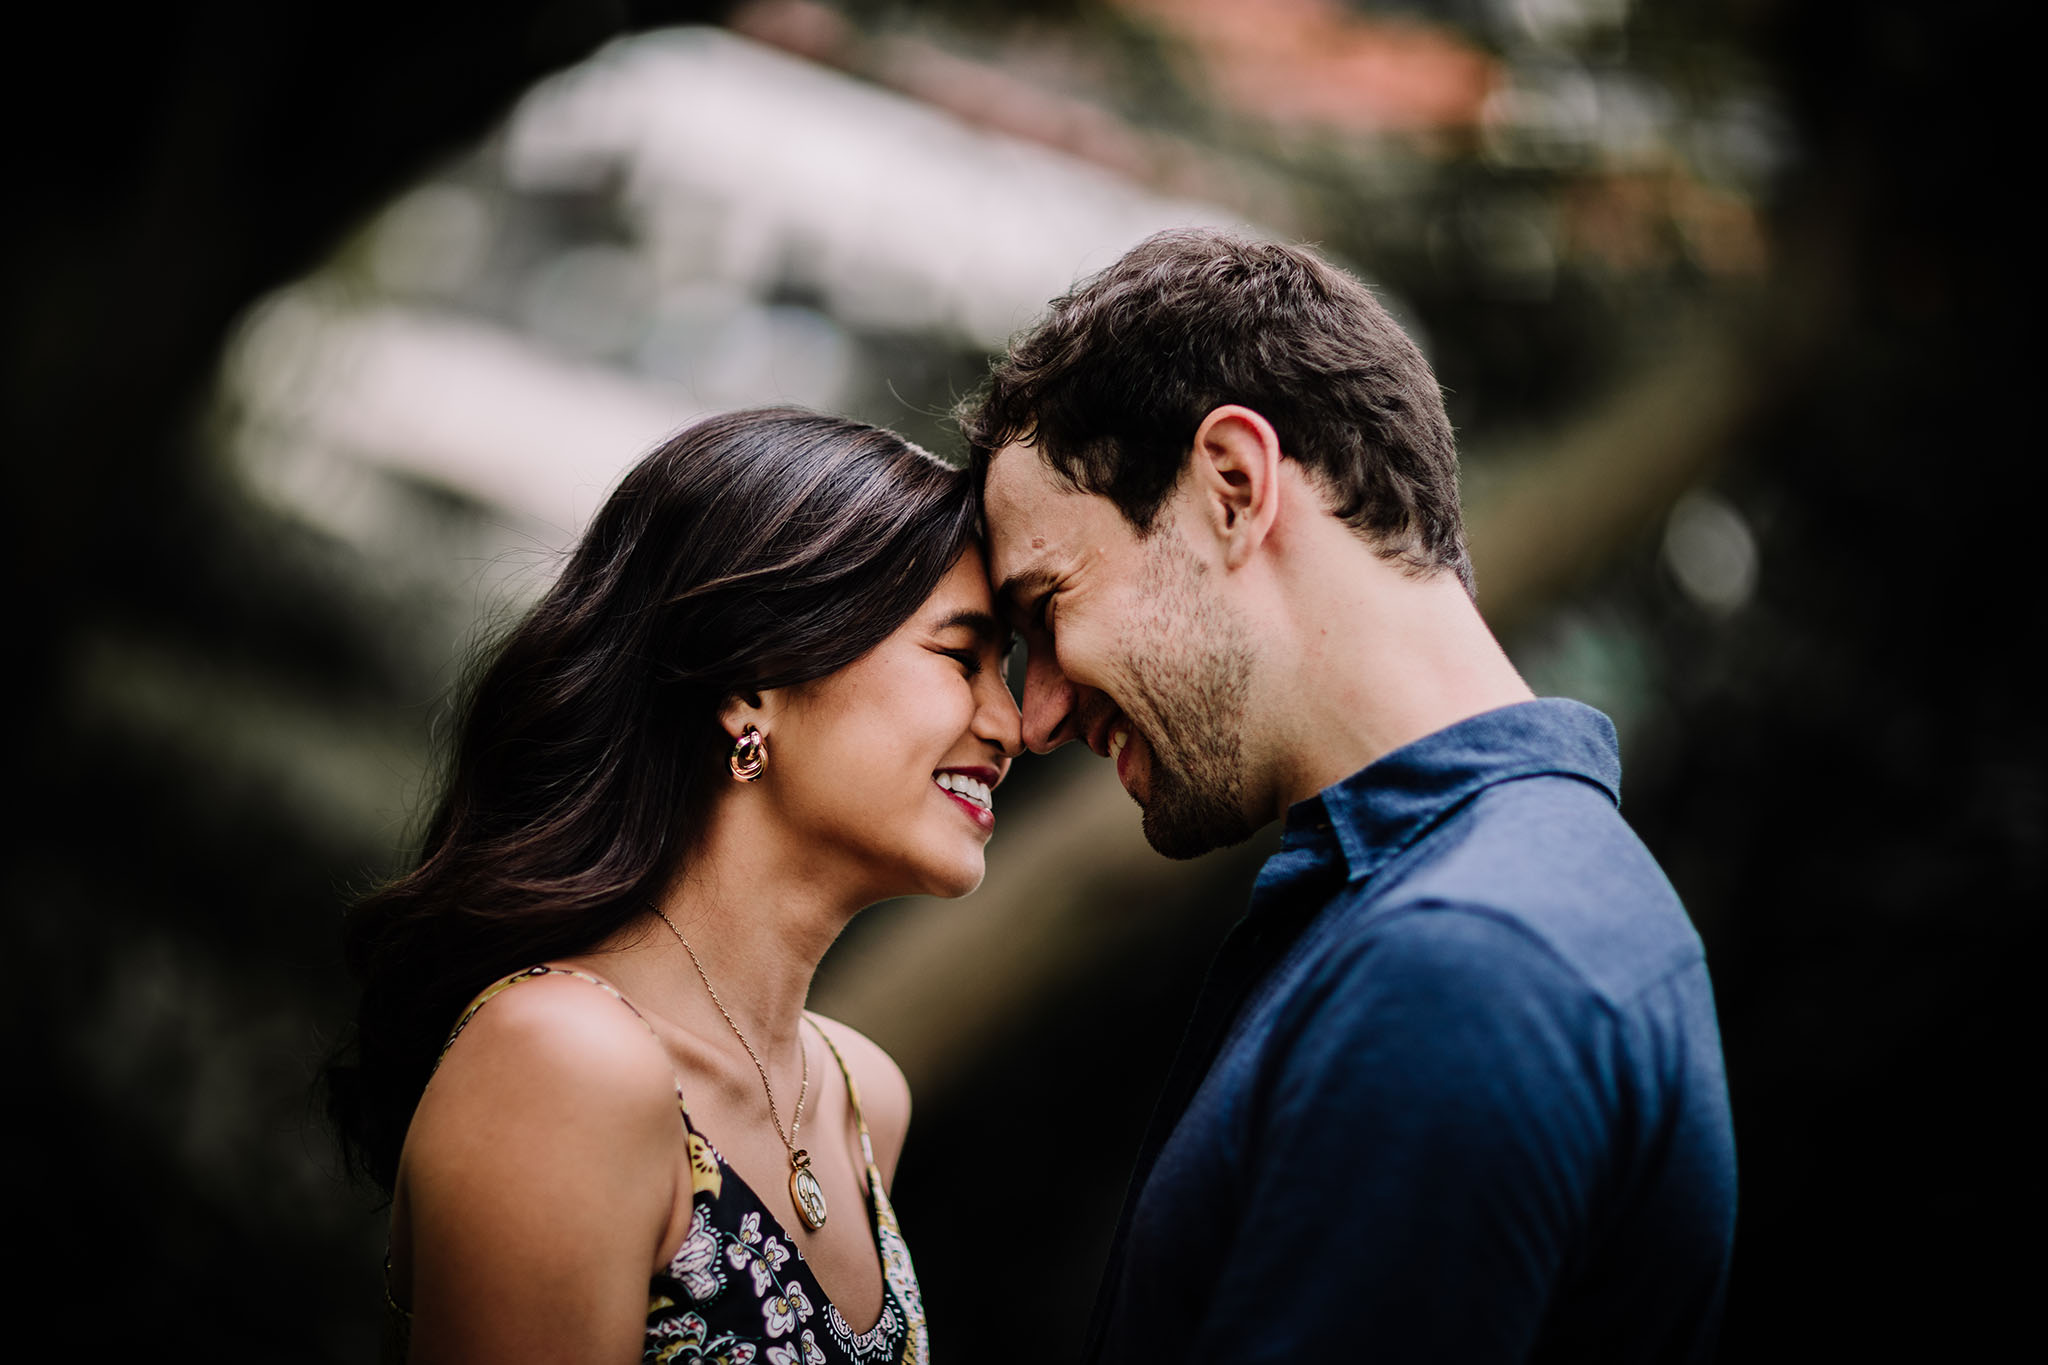 outdoor-couple-portraits-xavier-beatrice-6